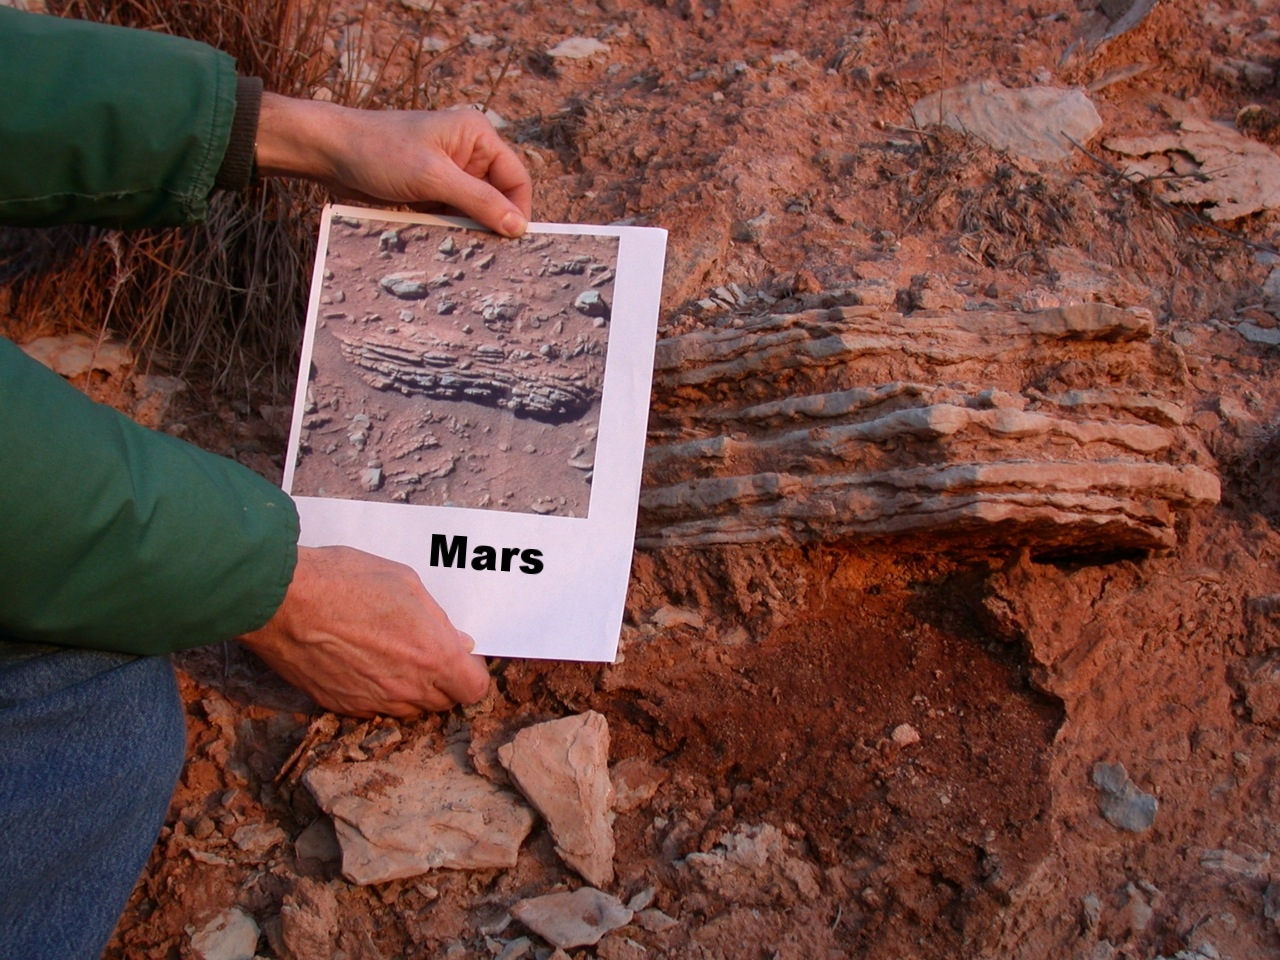 Nippewalla Outcrop & Mars photo.jpg